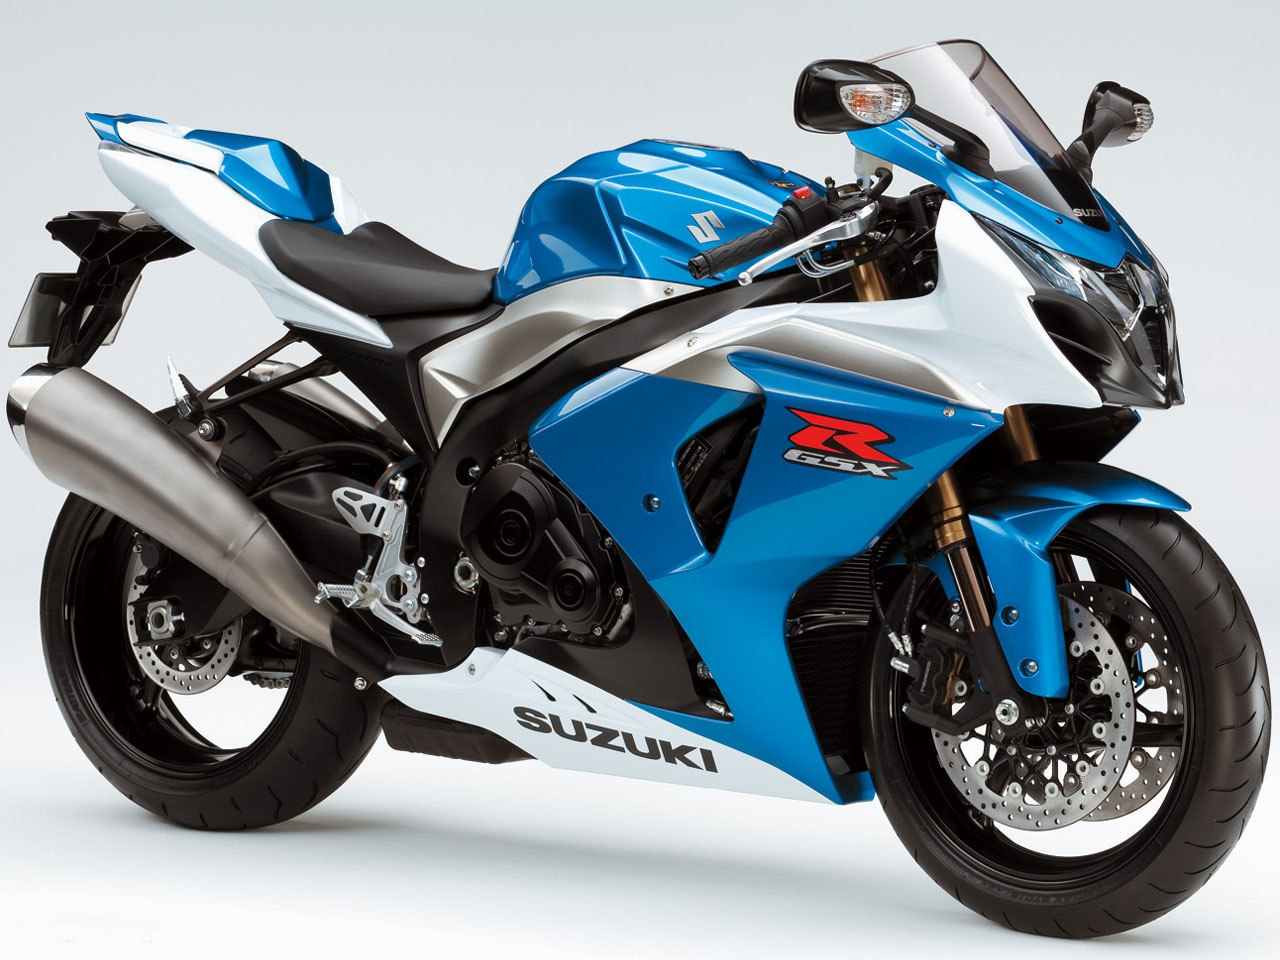 2009 Suzuki GSX-R1000 Sport Bike